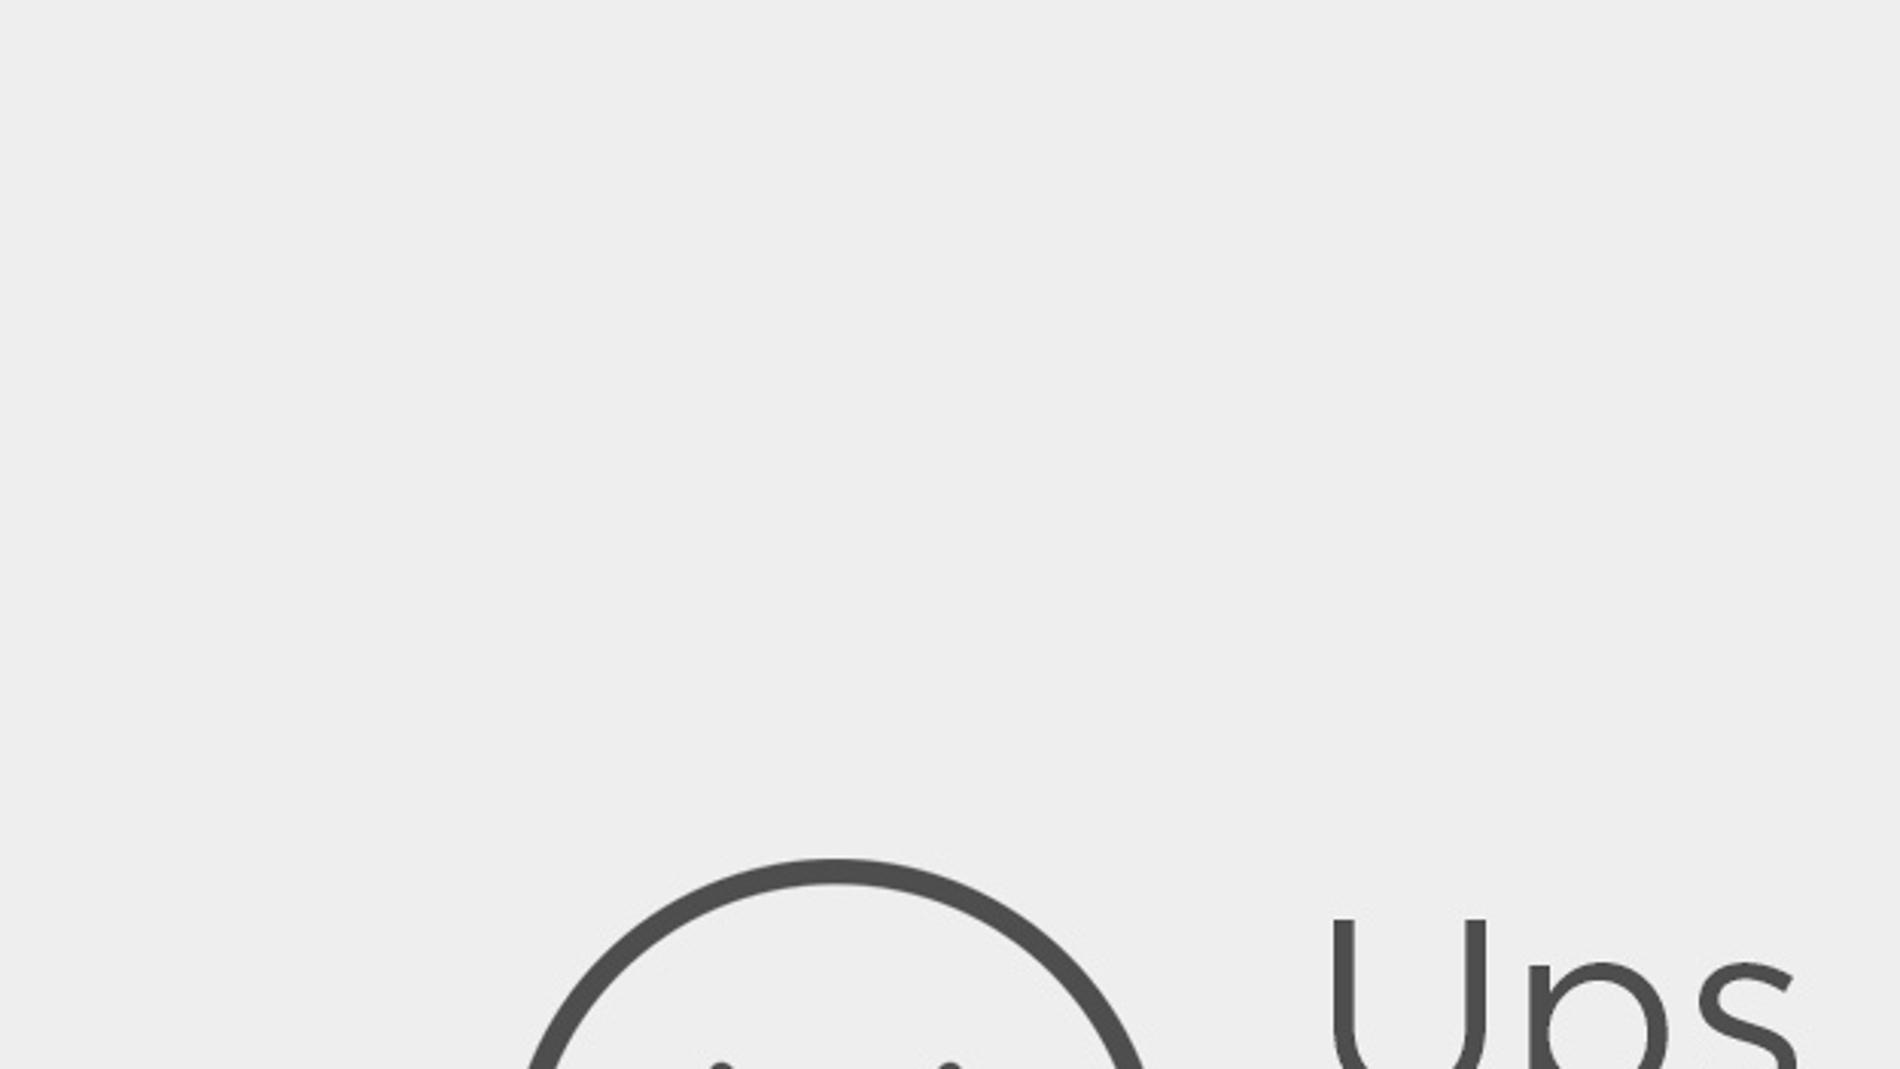 El compositor recibió numerosos premios en su carrera